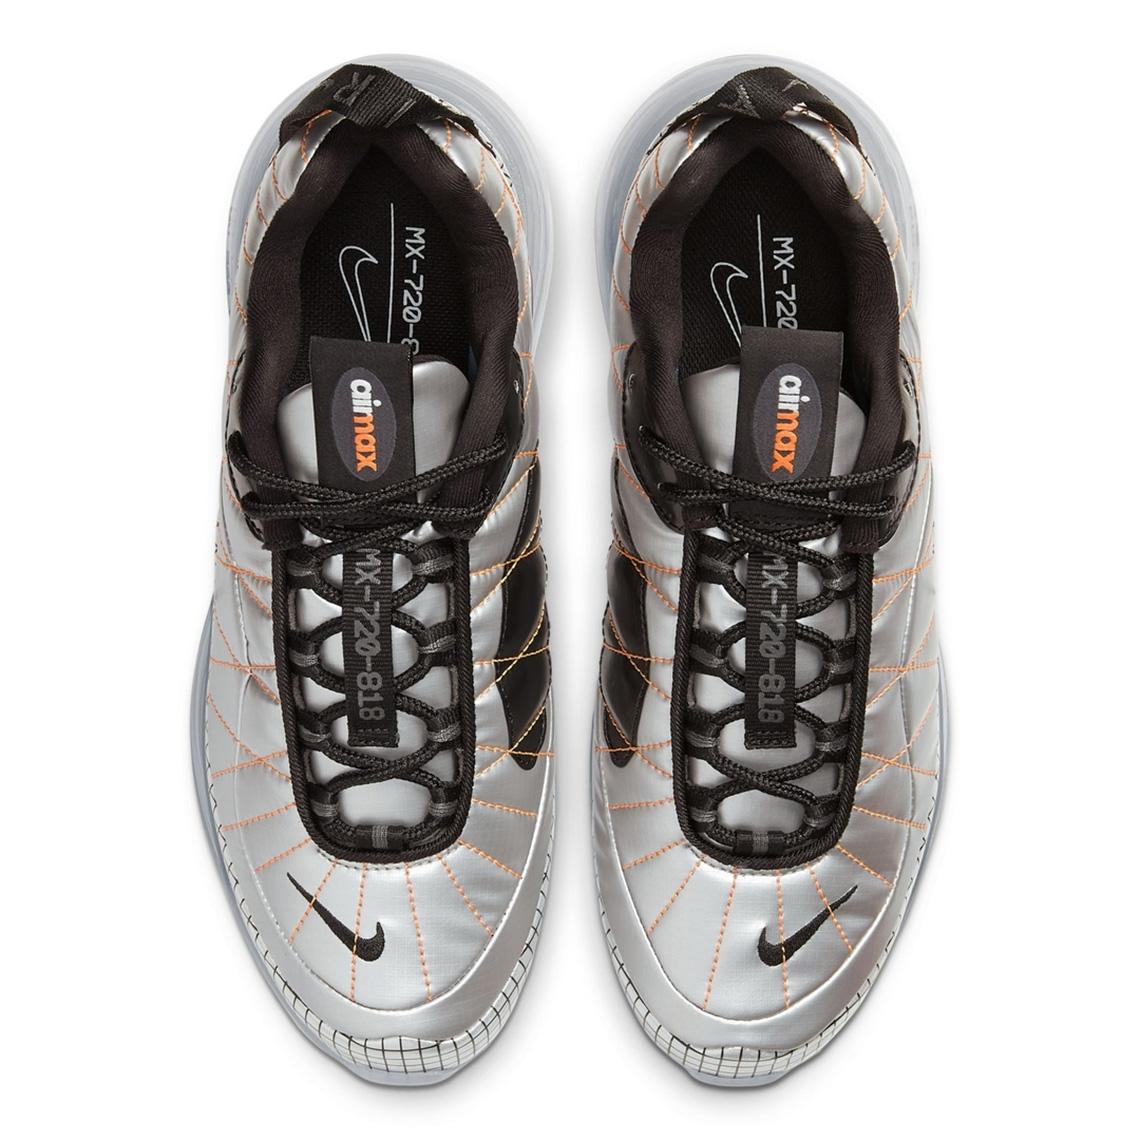 Nike Air Max 720 818 BV5841 001 BV5841 800 Release Info